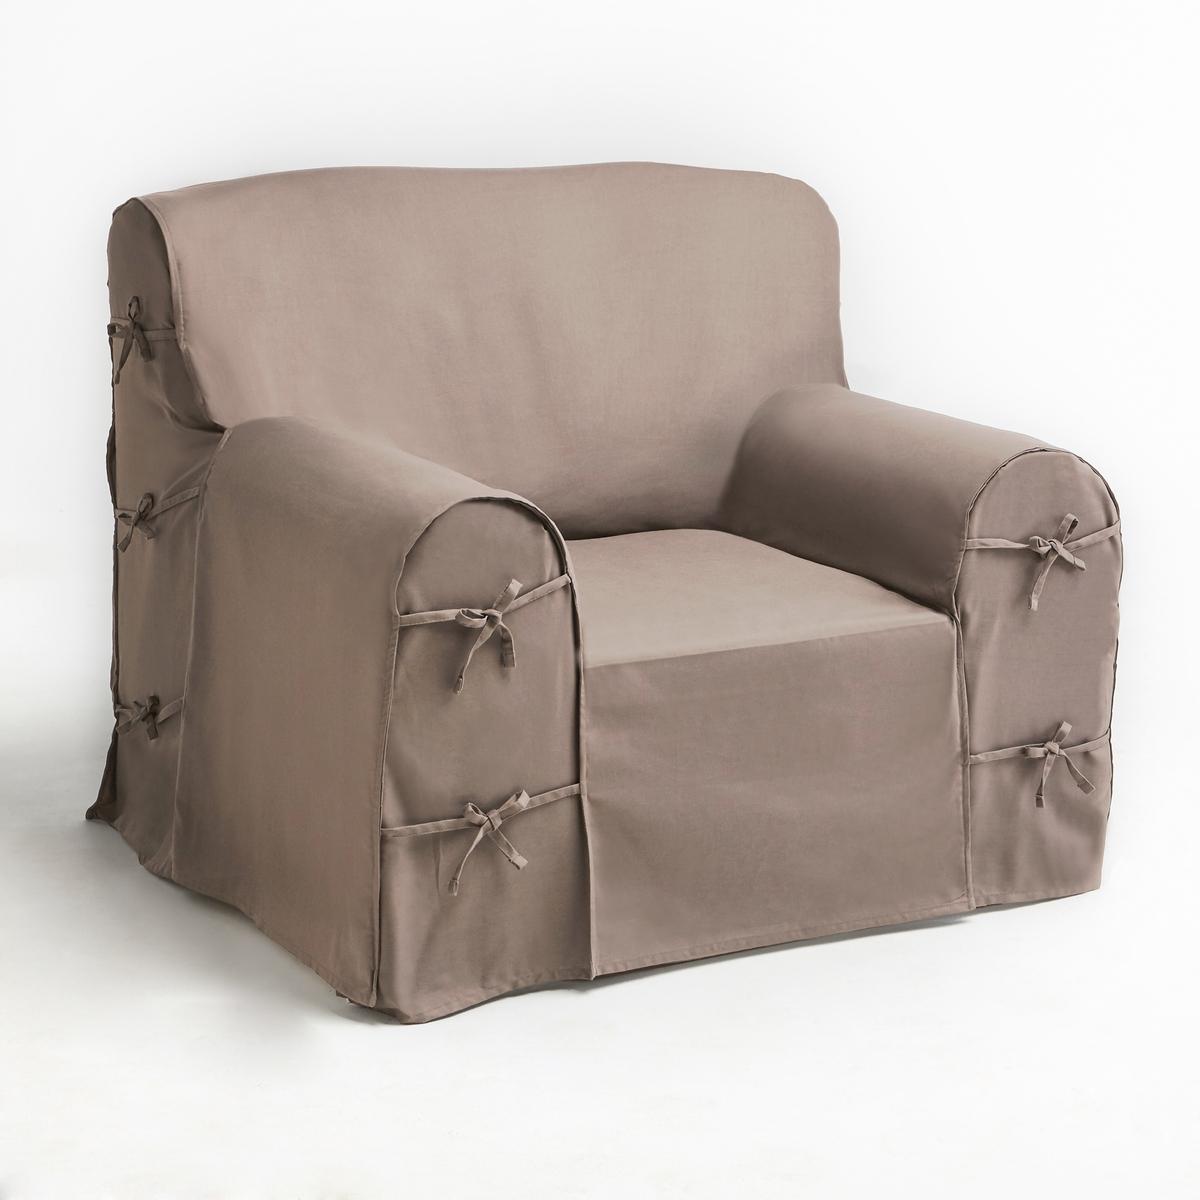 Чехол для креслаХарактеристики чехла для кресла:- Практичный чехол для кресла регулируется завязками. - Красивая плотная ткань из 100% хлопка (220 г/м?).- Обработка против пятен.- Простой уход: стирка при 40°, превосходная стойкость цвета.Размеры чехла для кресла:- Общая высота: 102 см.- Максимальная ширина: 80 см.- Глубина сидения: 60 см.- Высота подлокотников: 66 см.Качество VALEUR S?RE. Производство осуществляется с учетом стандартов по защите окружающей среды и здоровья человека, что подтверждено сертификатом Oeko-tex®.<br><br>Цвет: антрацит,белый,медовый,облачно-серый,рубиново-красный,серо-коричневый каштан,сине-зеленый,экрю<br>Размер: единый размер.единый размер.единый размер